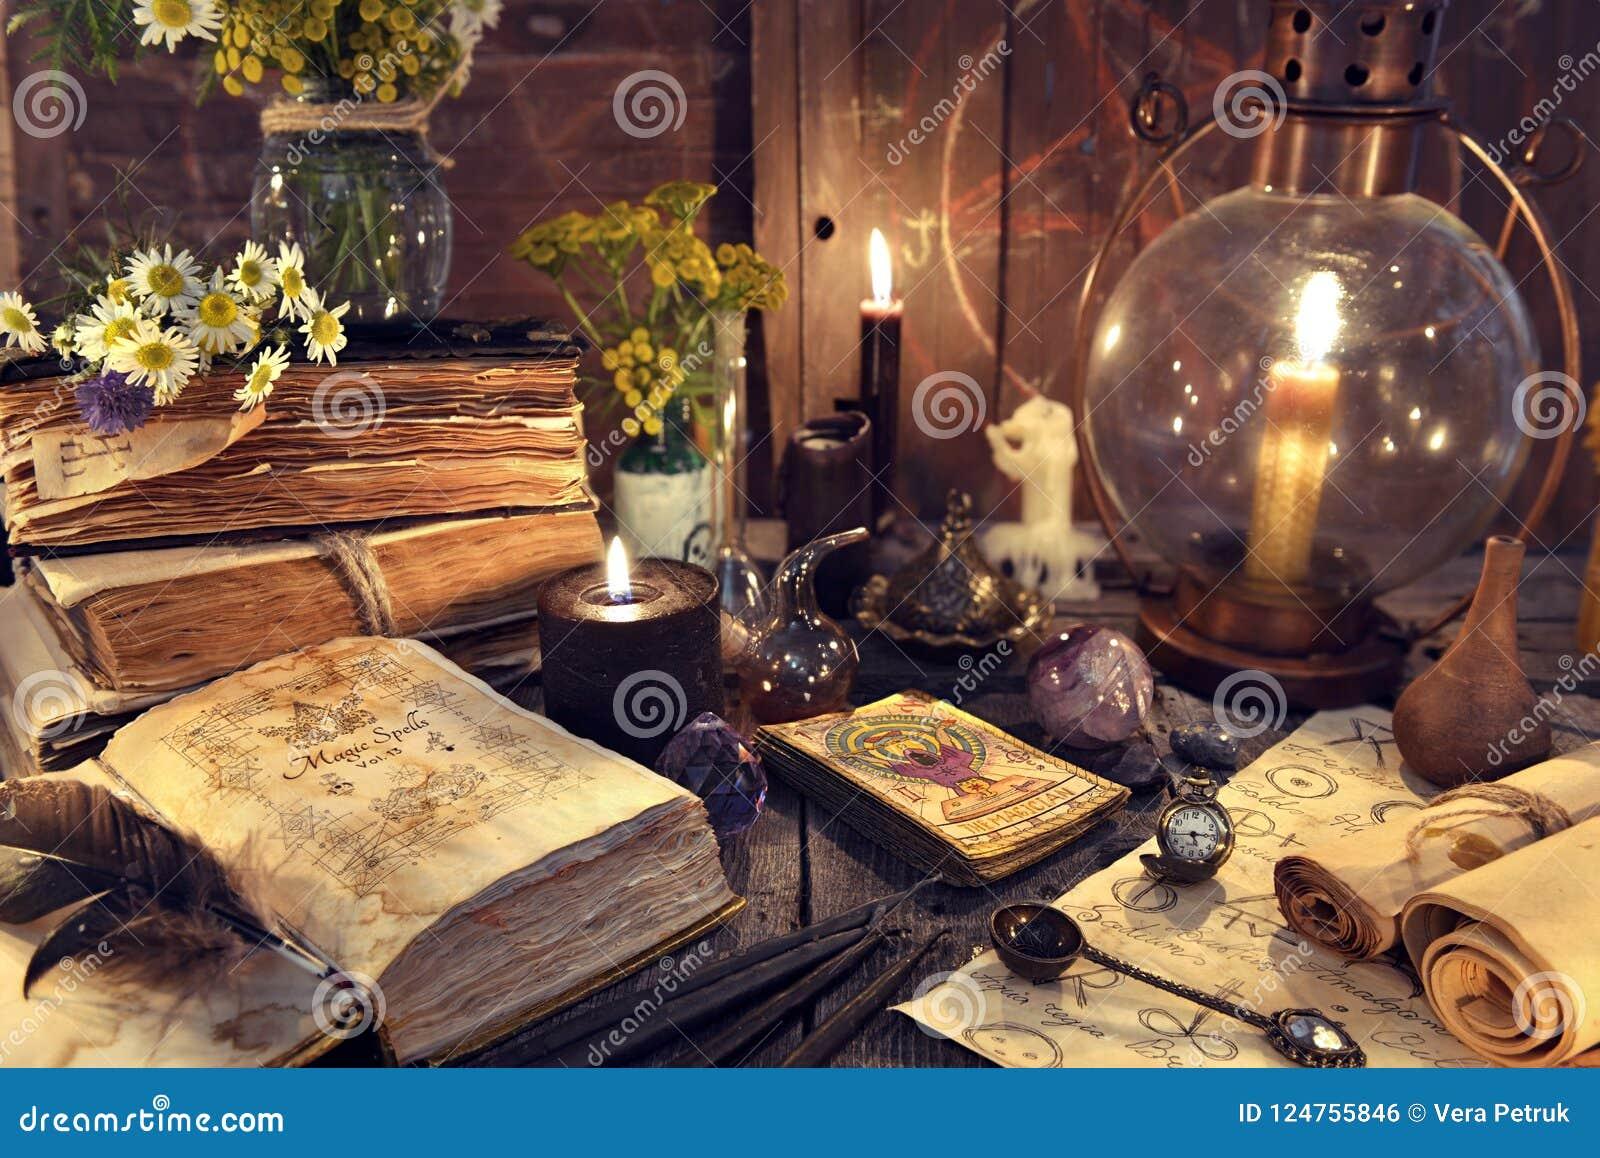 La vie toujours avec la lampe démodée, les livres magiques de sorcière, les cartes de tarot et les vieux papiers